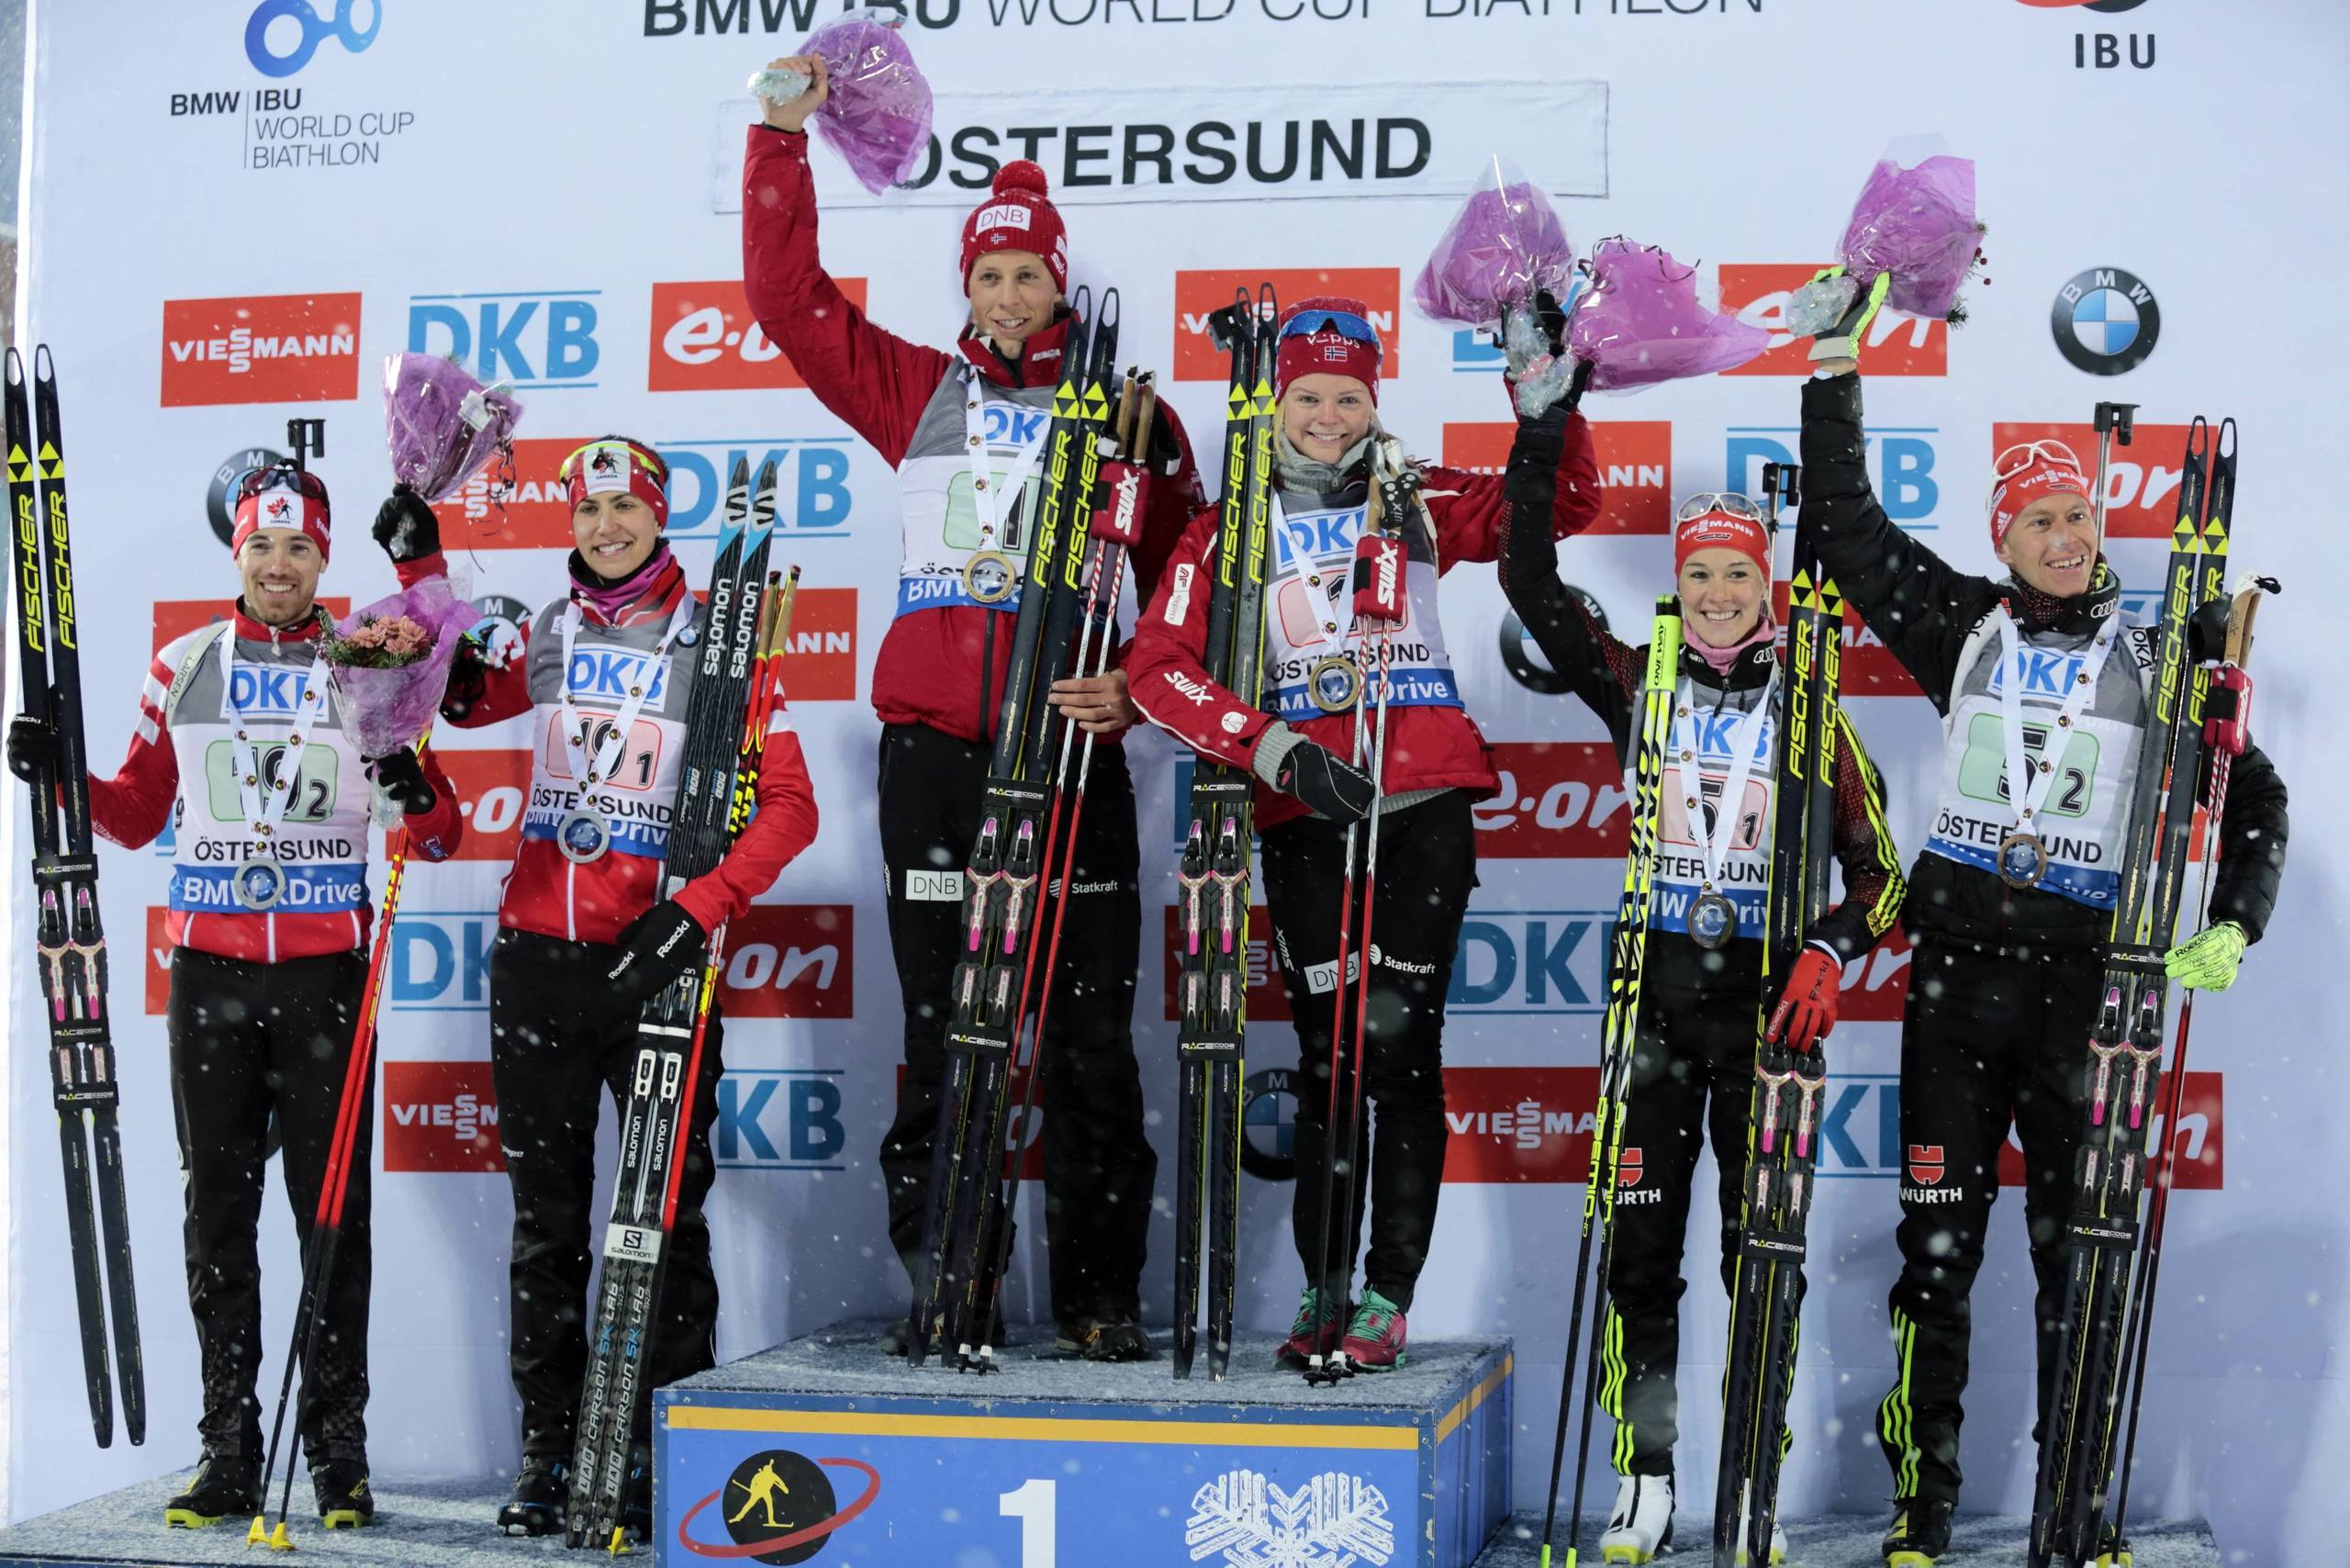 Tyskland och norge inledde med segrar